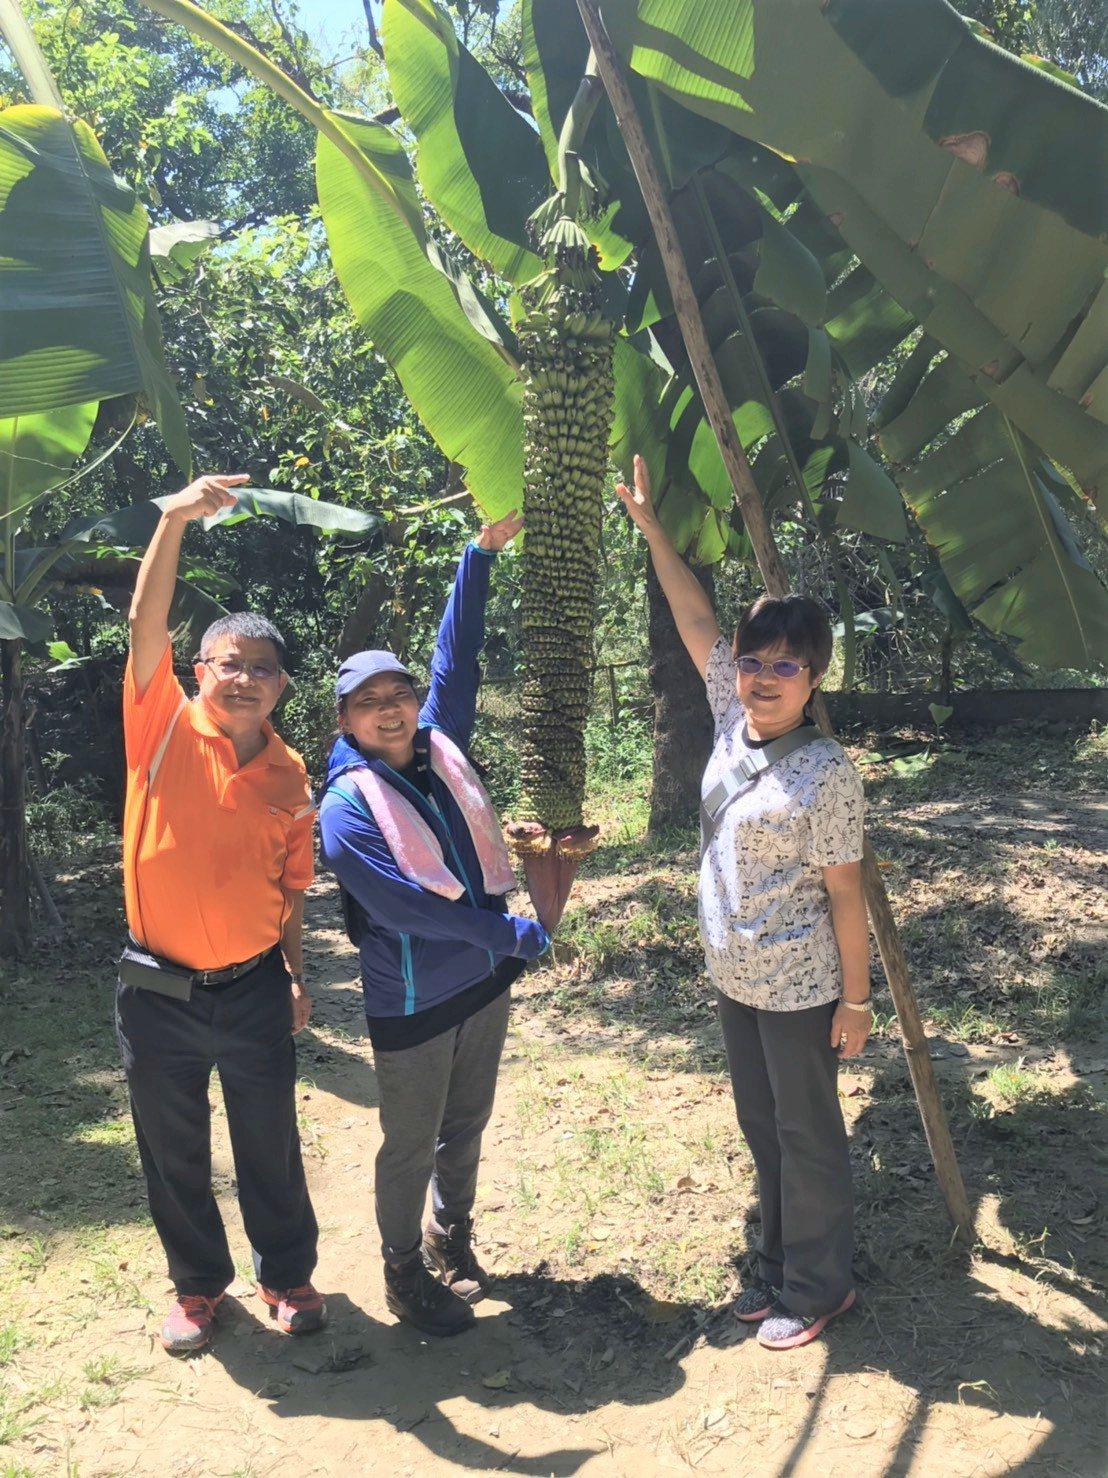 中興大學新化林場千層蕉已長到150公分,吸引遊客駐足拍照打卡。圖/新化林場提供